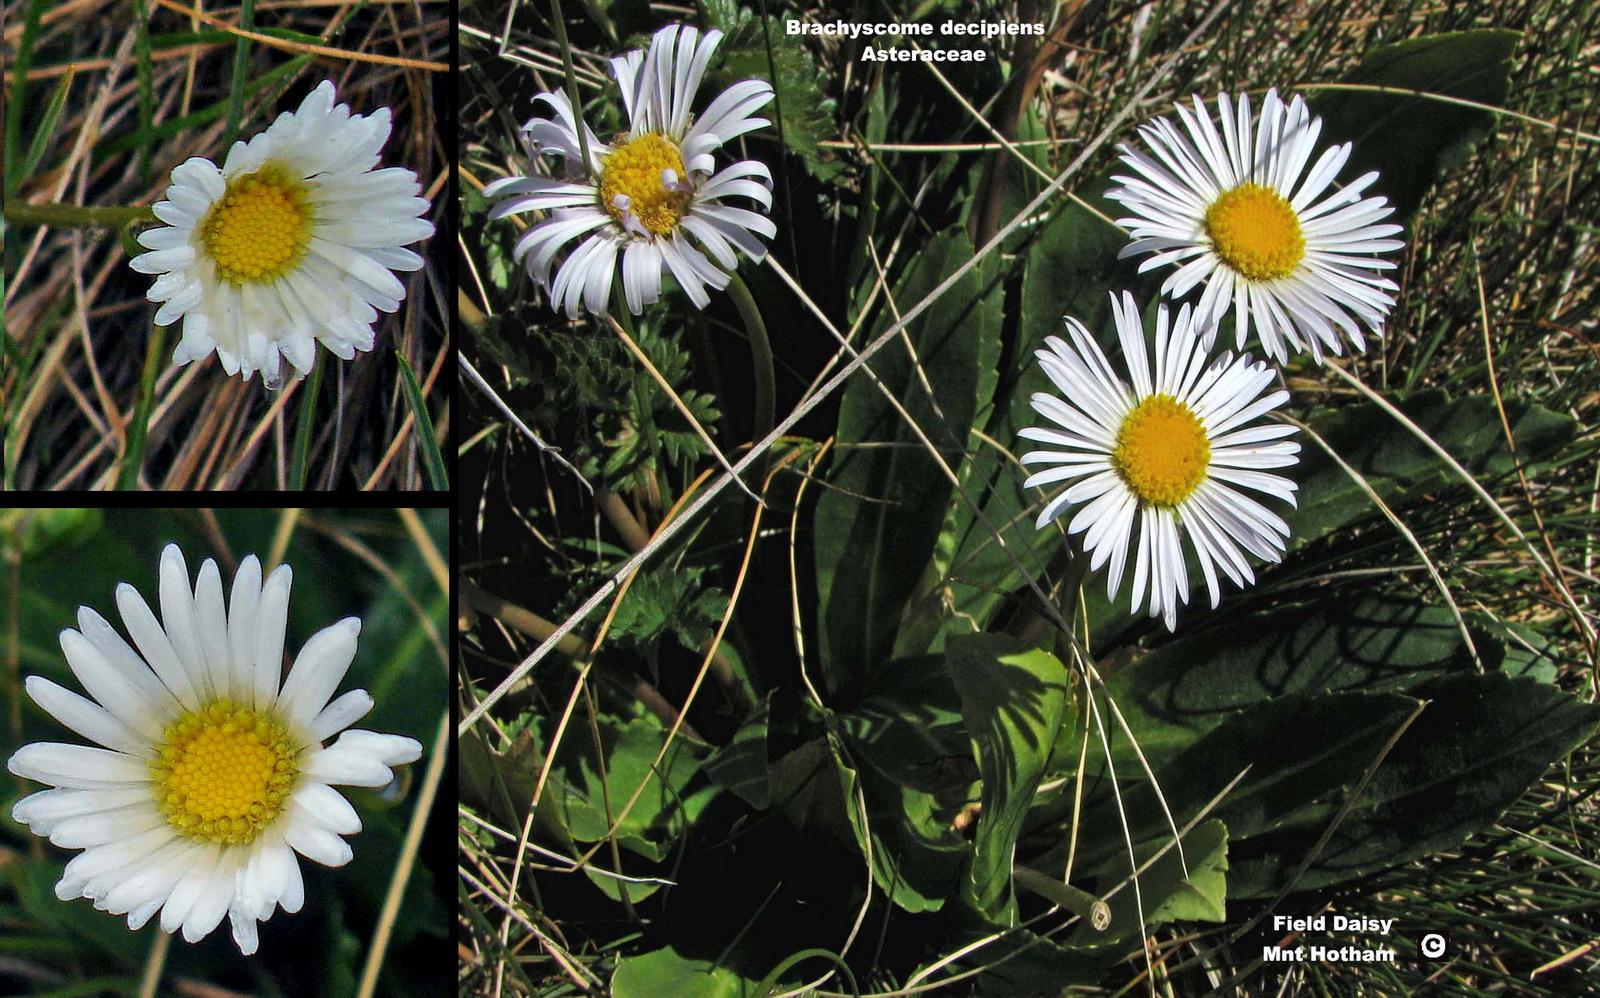 Brachyscome decipiens flora ALA source